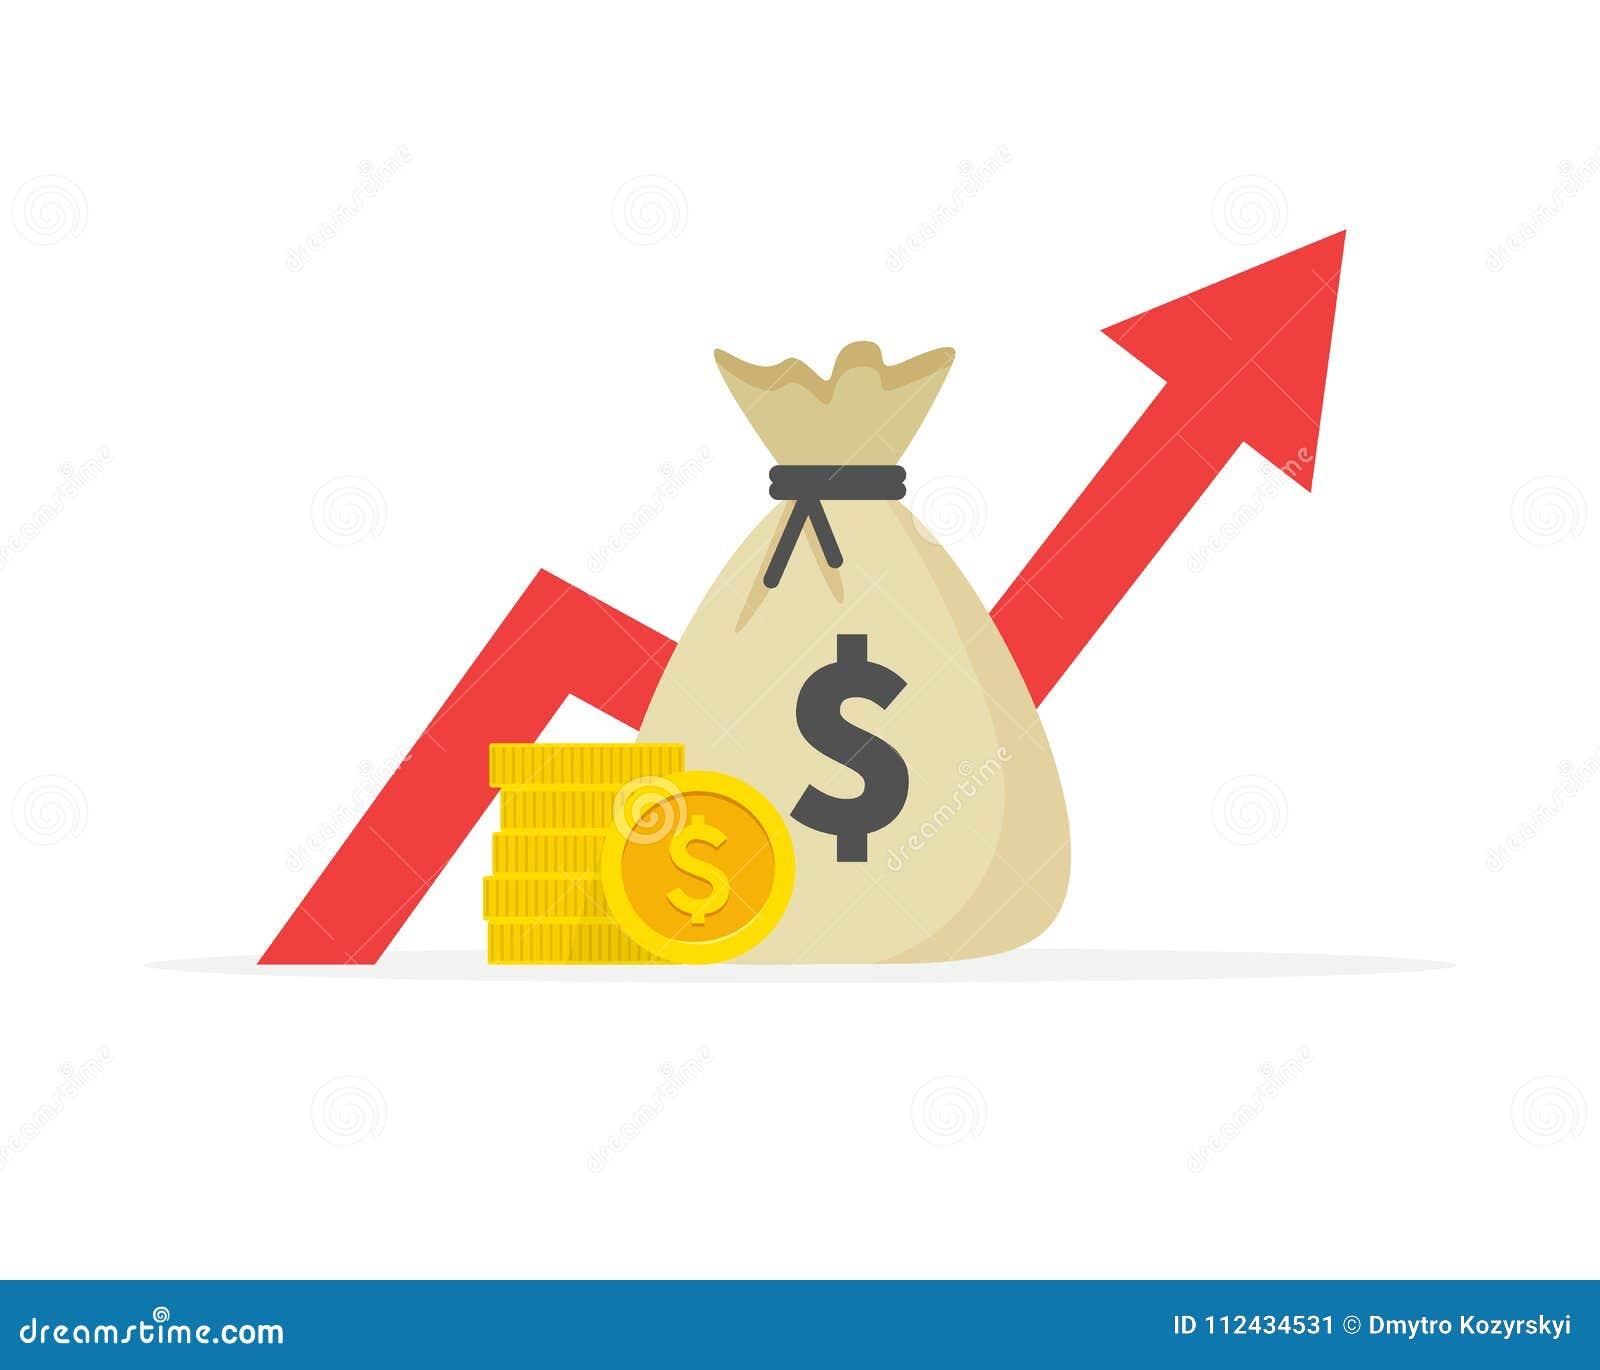 Pieniężny występ, dolarowa biznesowa produktywność, statystyki raport, fundusz powierniczy, wskaźnik rentowności, finanse